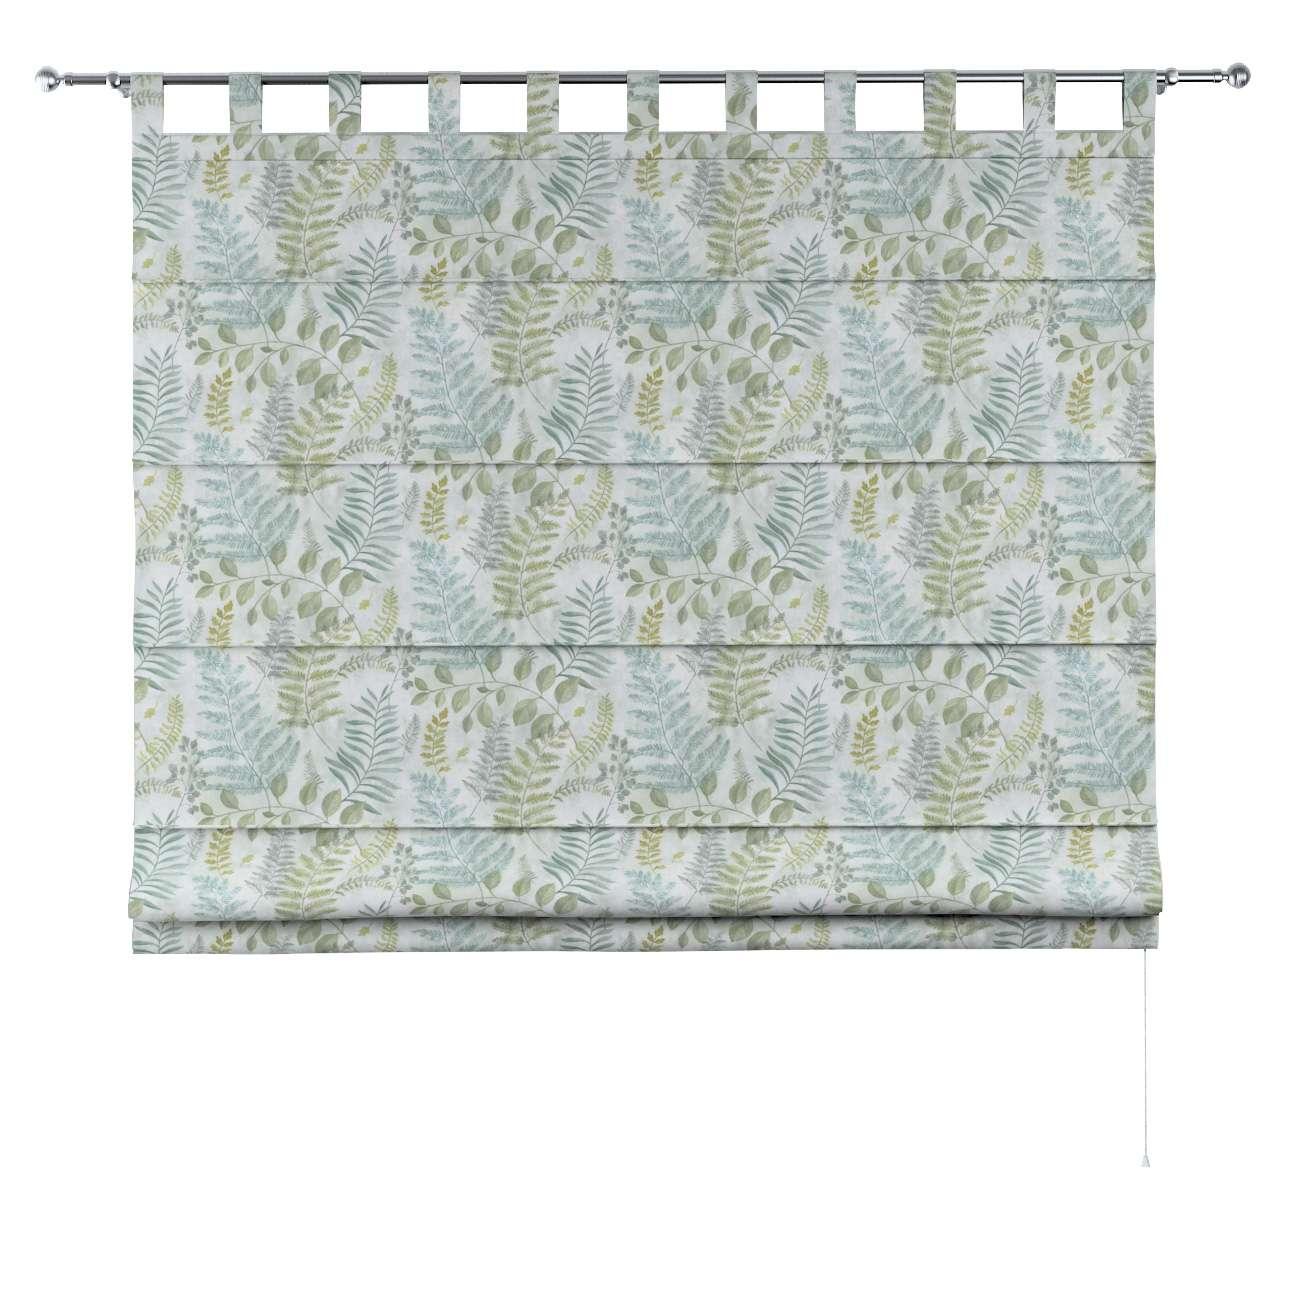 Roleta rzymska Verona w kolekcji Pastel Forest, tkanina: 142-46